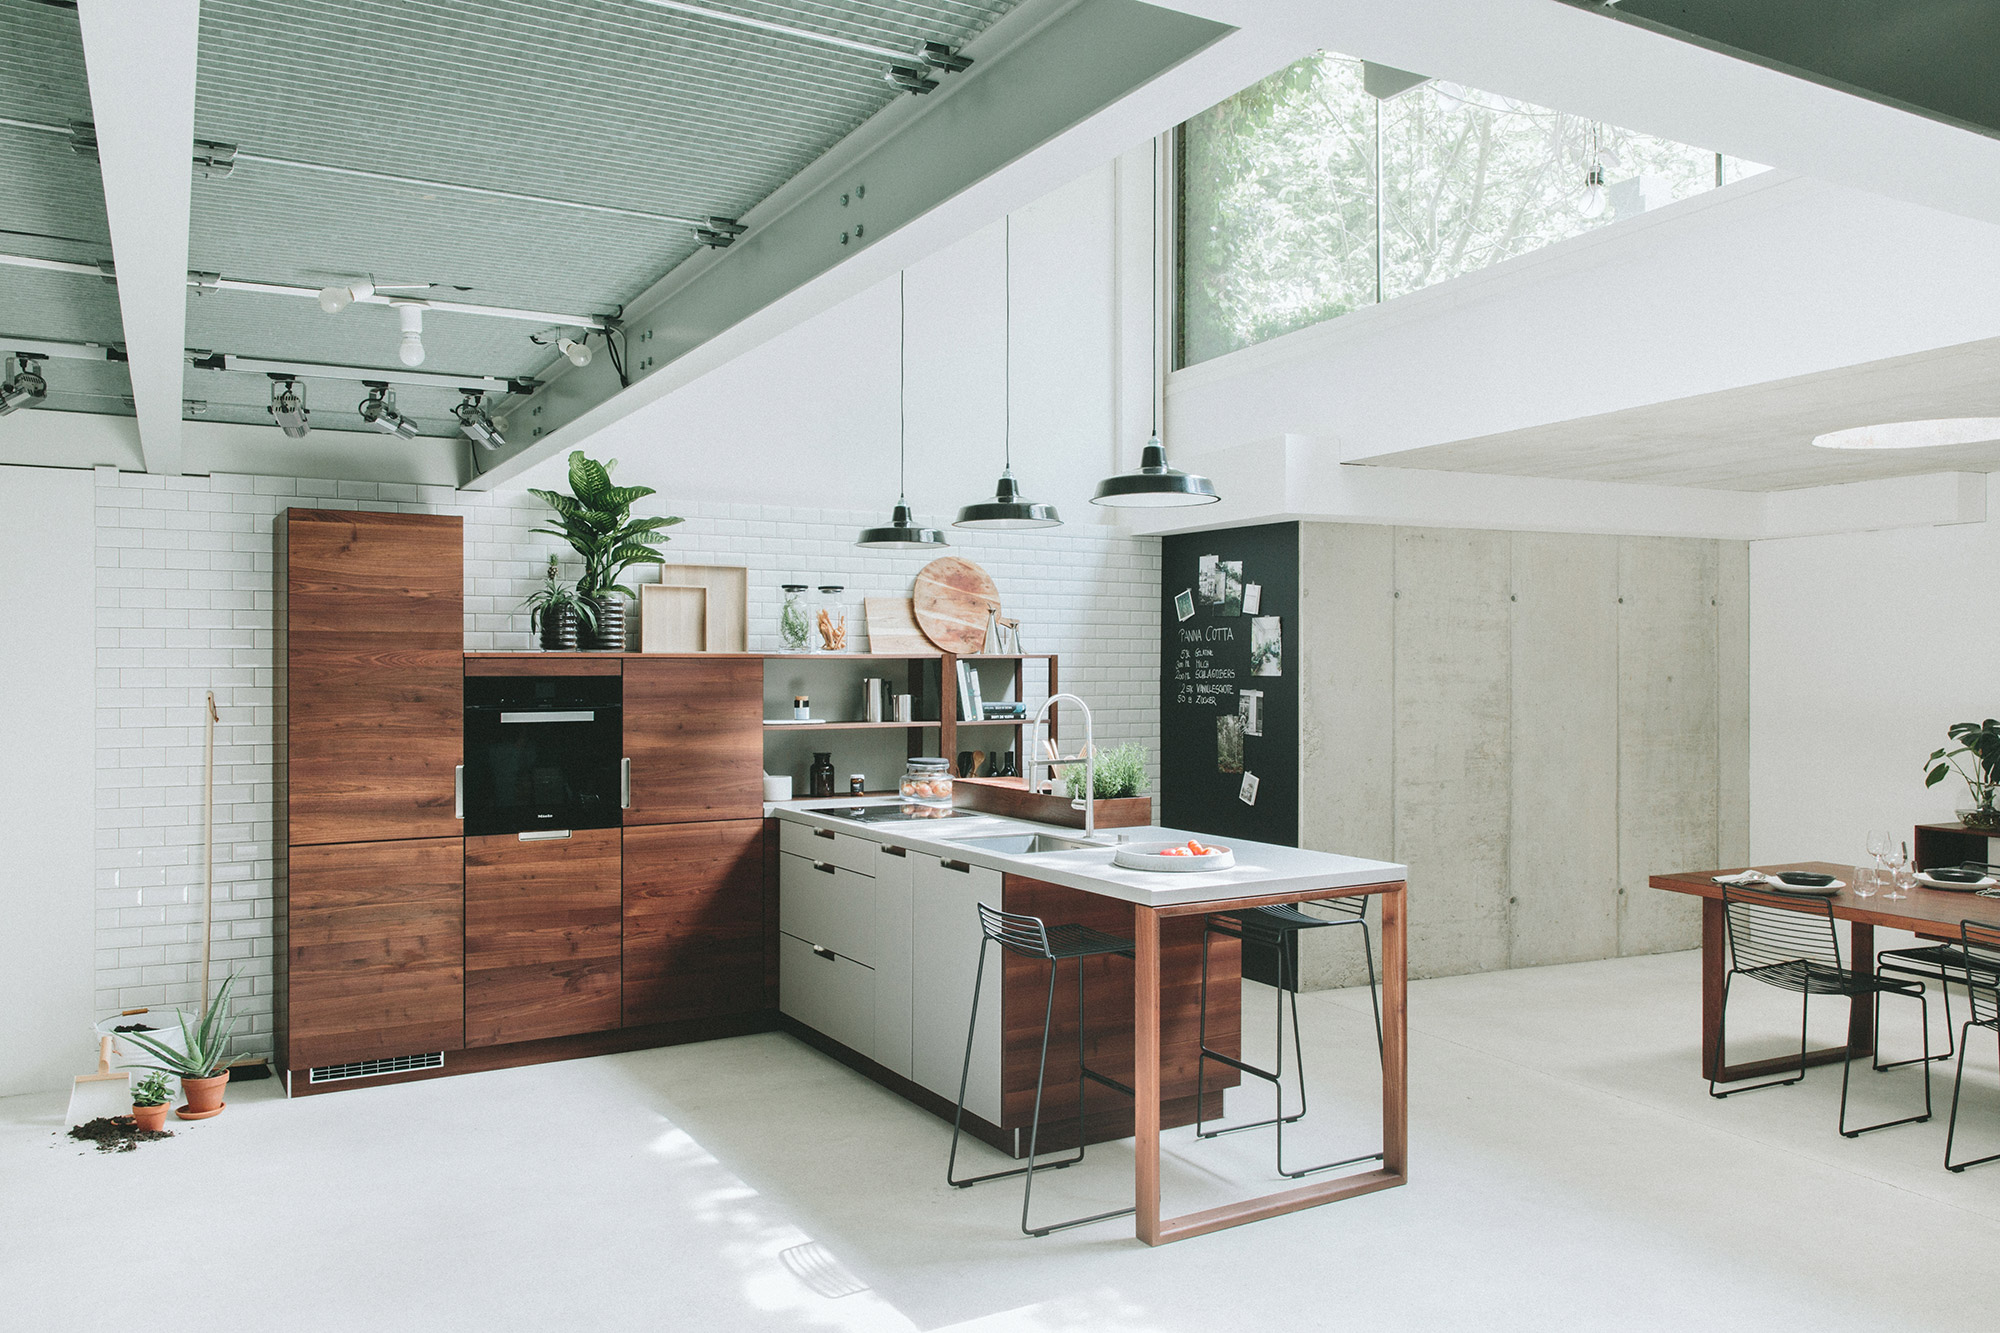 k chen m bel arenz. Black Bedroom Furniture Sets. Home Design Ideas